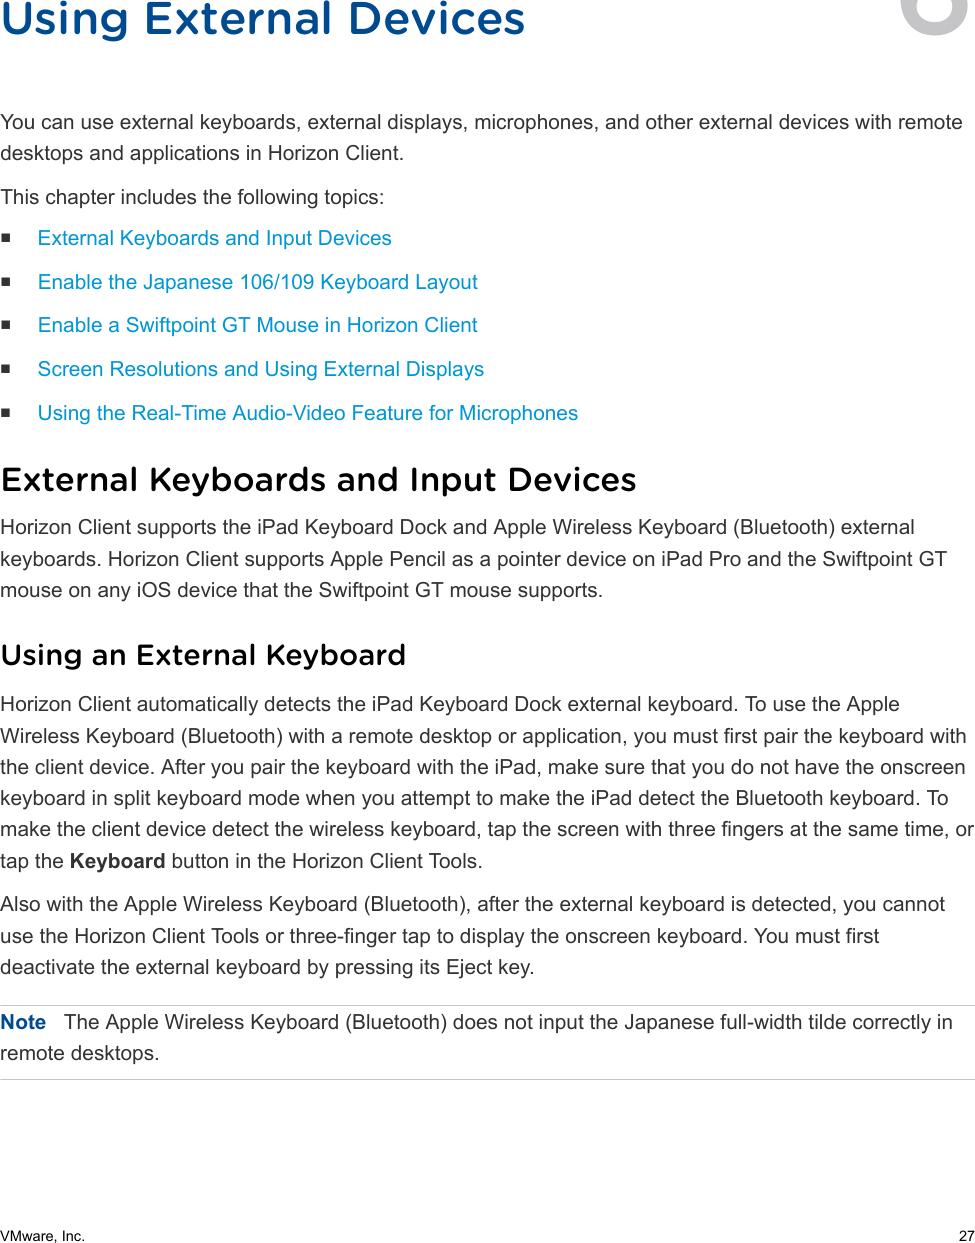 VMware Horizon Client For IOS User Guide Horizon  4 7 I OS 47